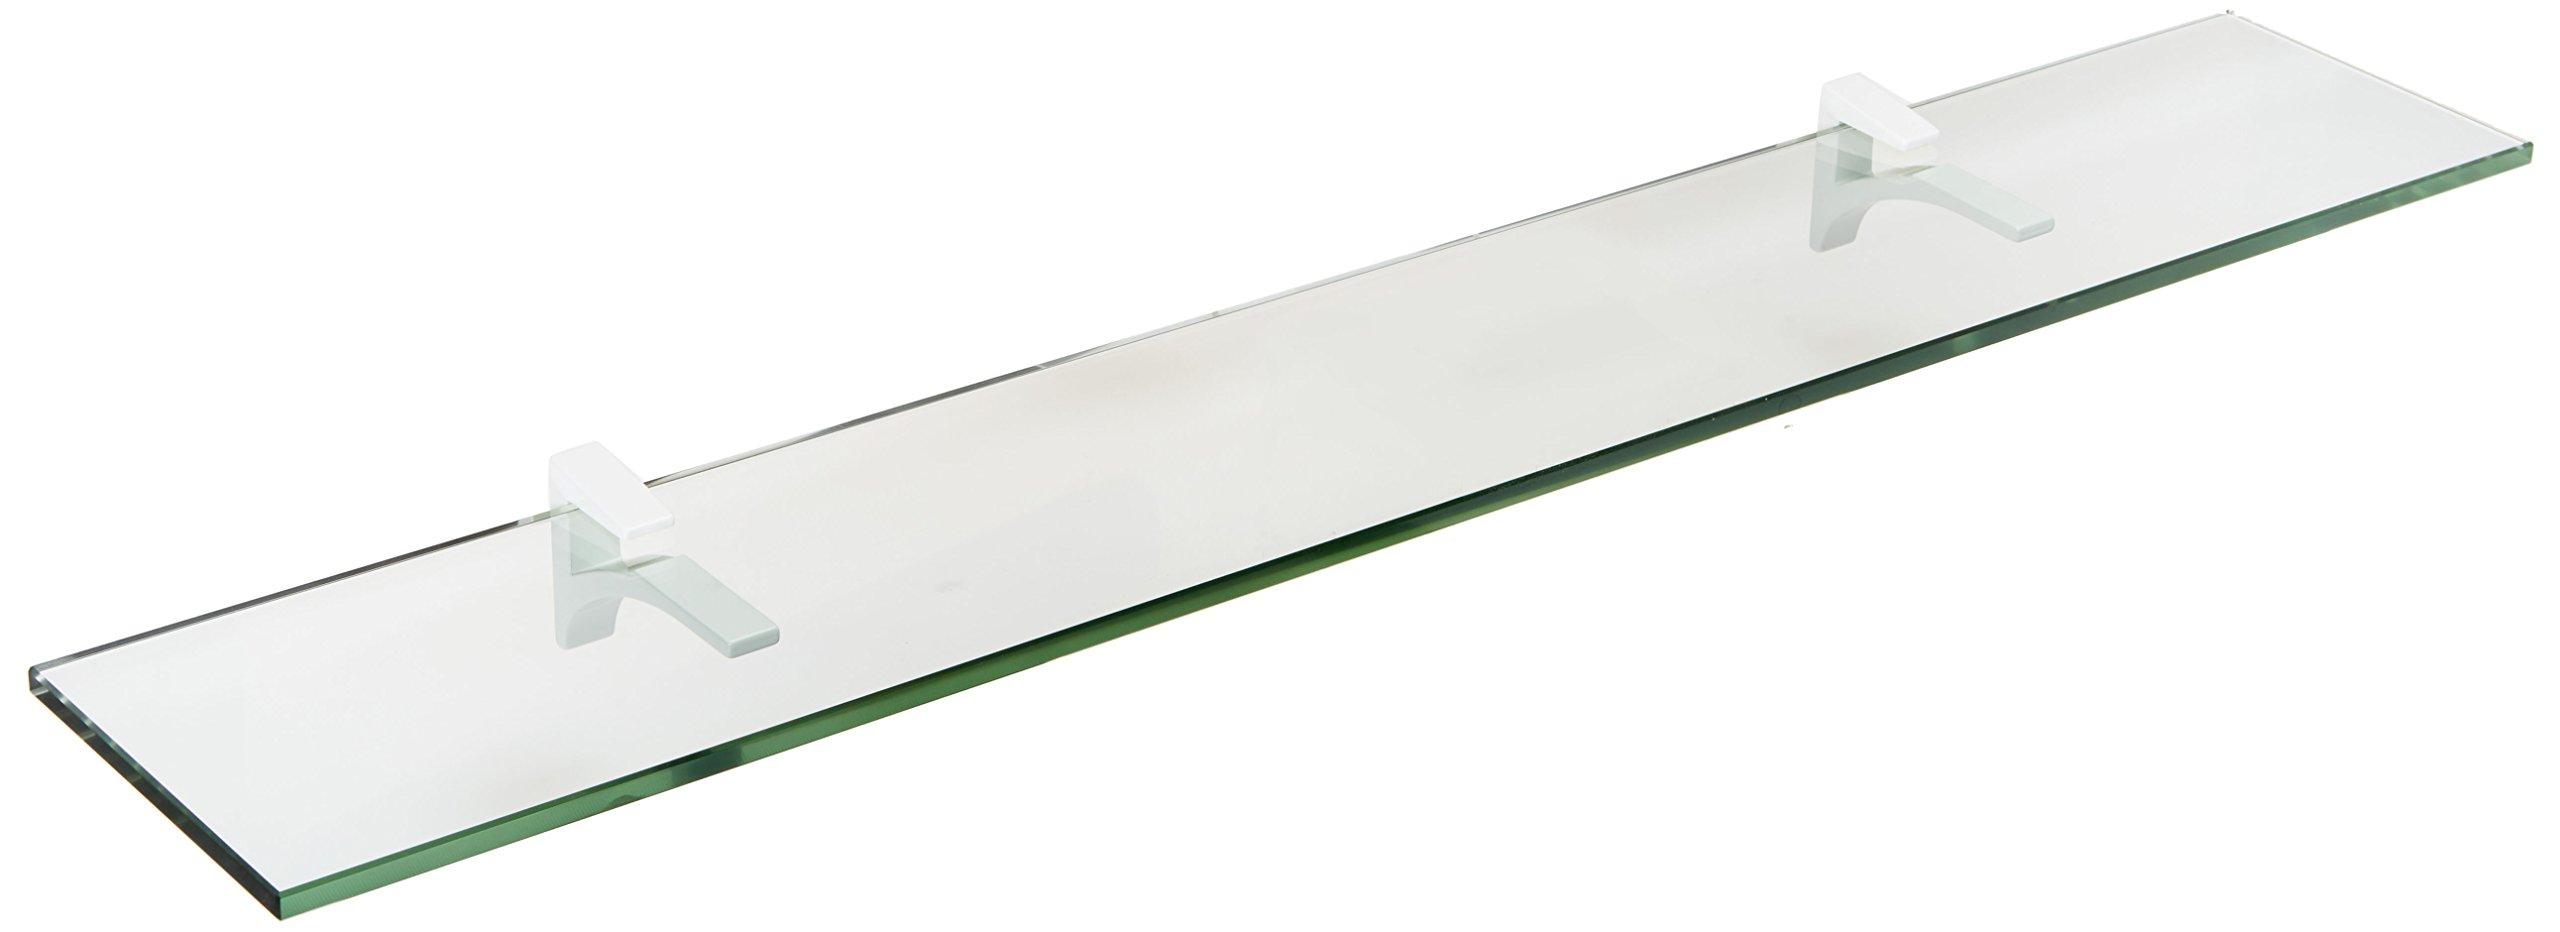 Spancraft Glass Cardinal Glass Shelf, White, 4.75 x 36